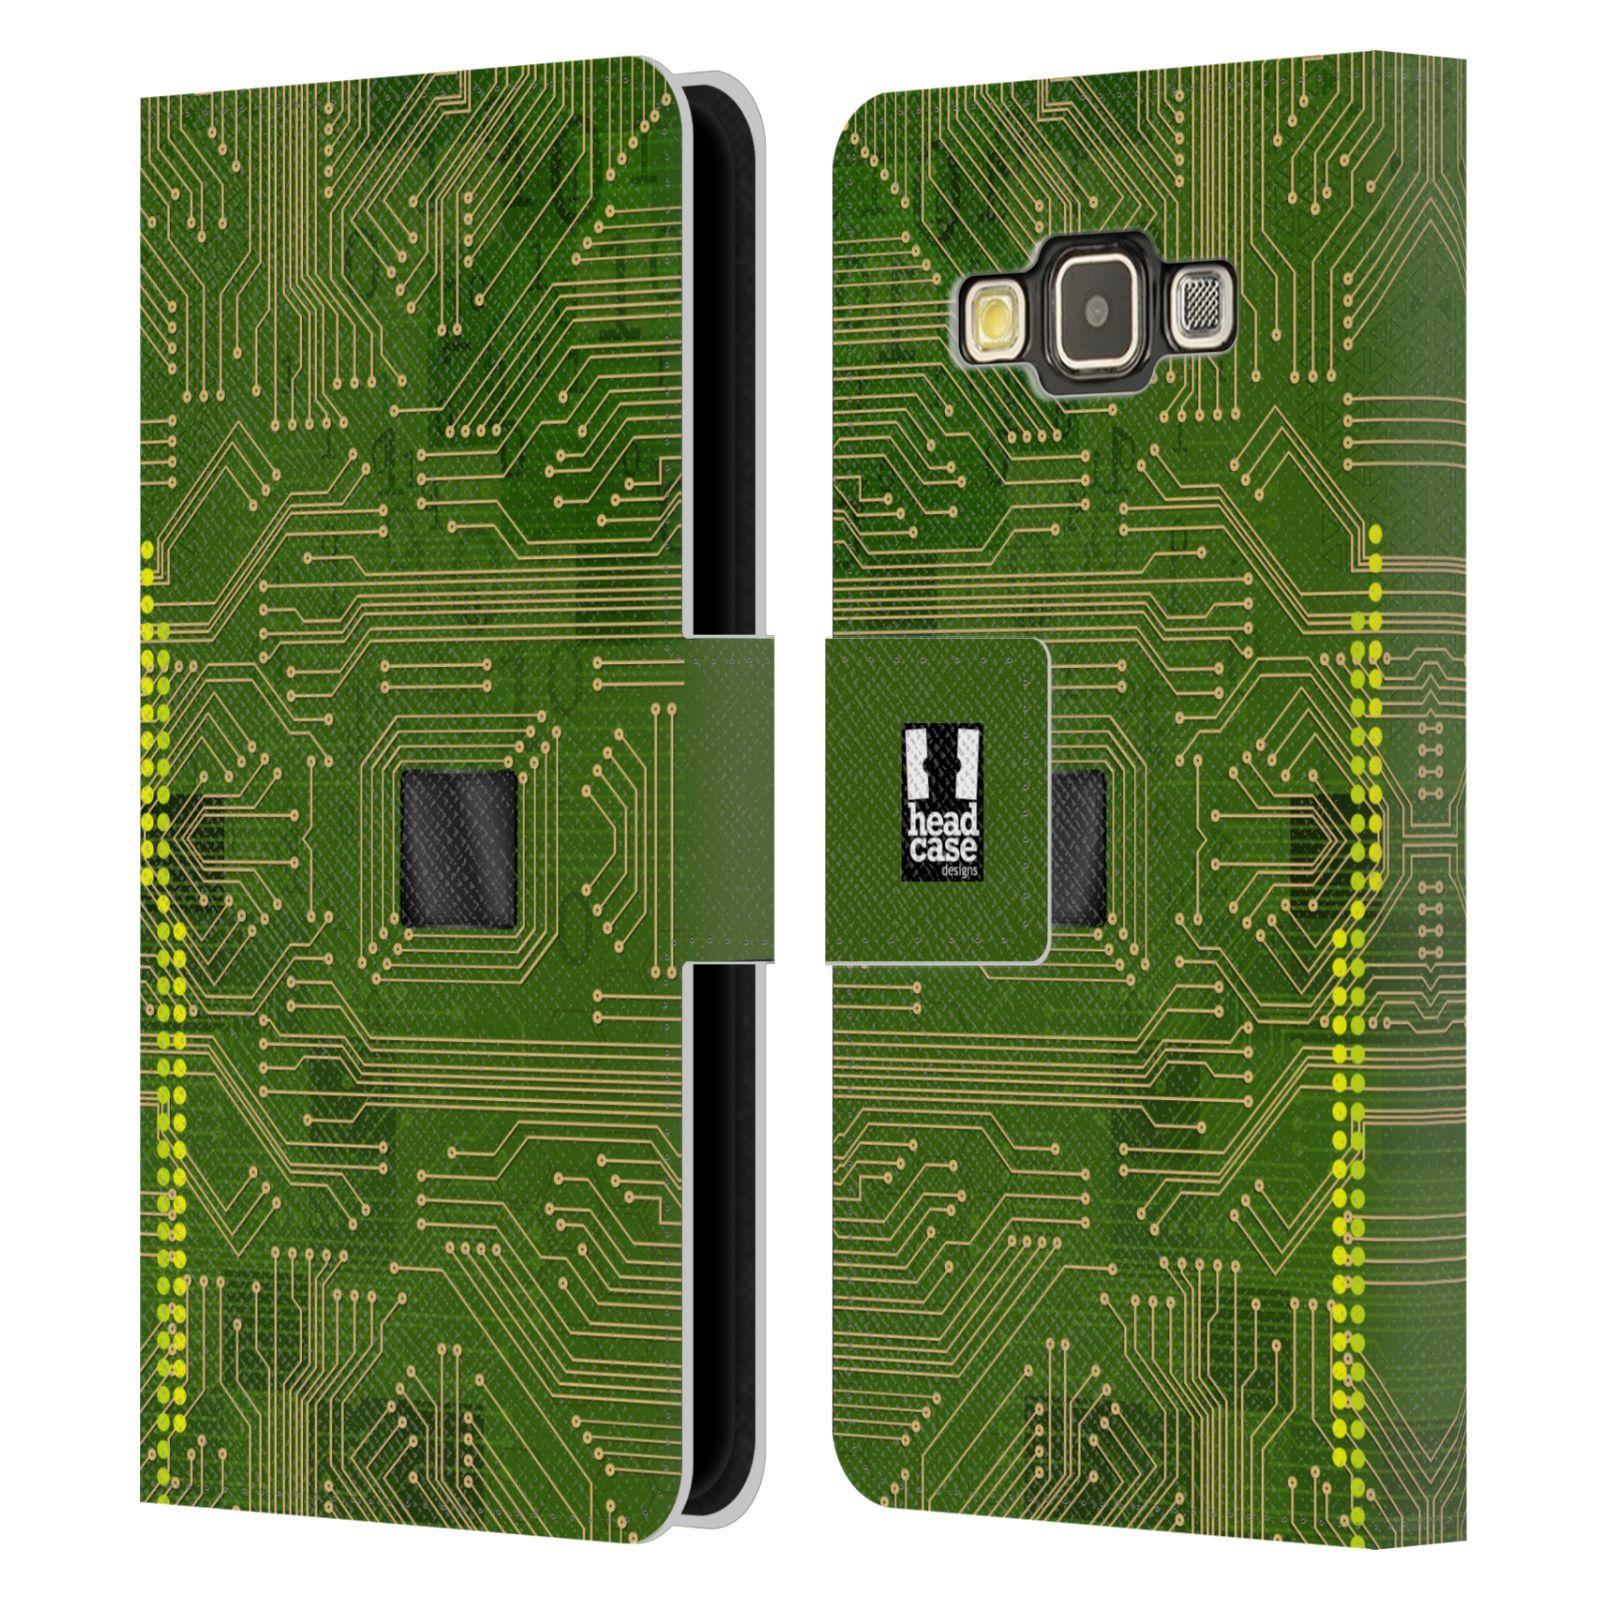 HEAD CASE Flipové pouzdro pro mobil Samsung Galaxy A3 počítač základní deska zelená barva